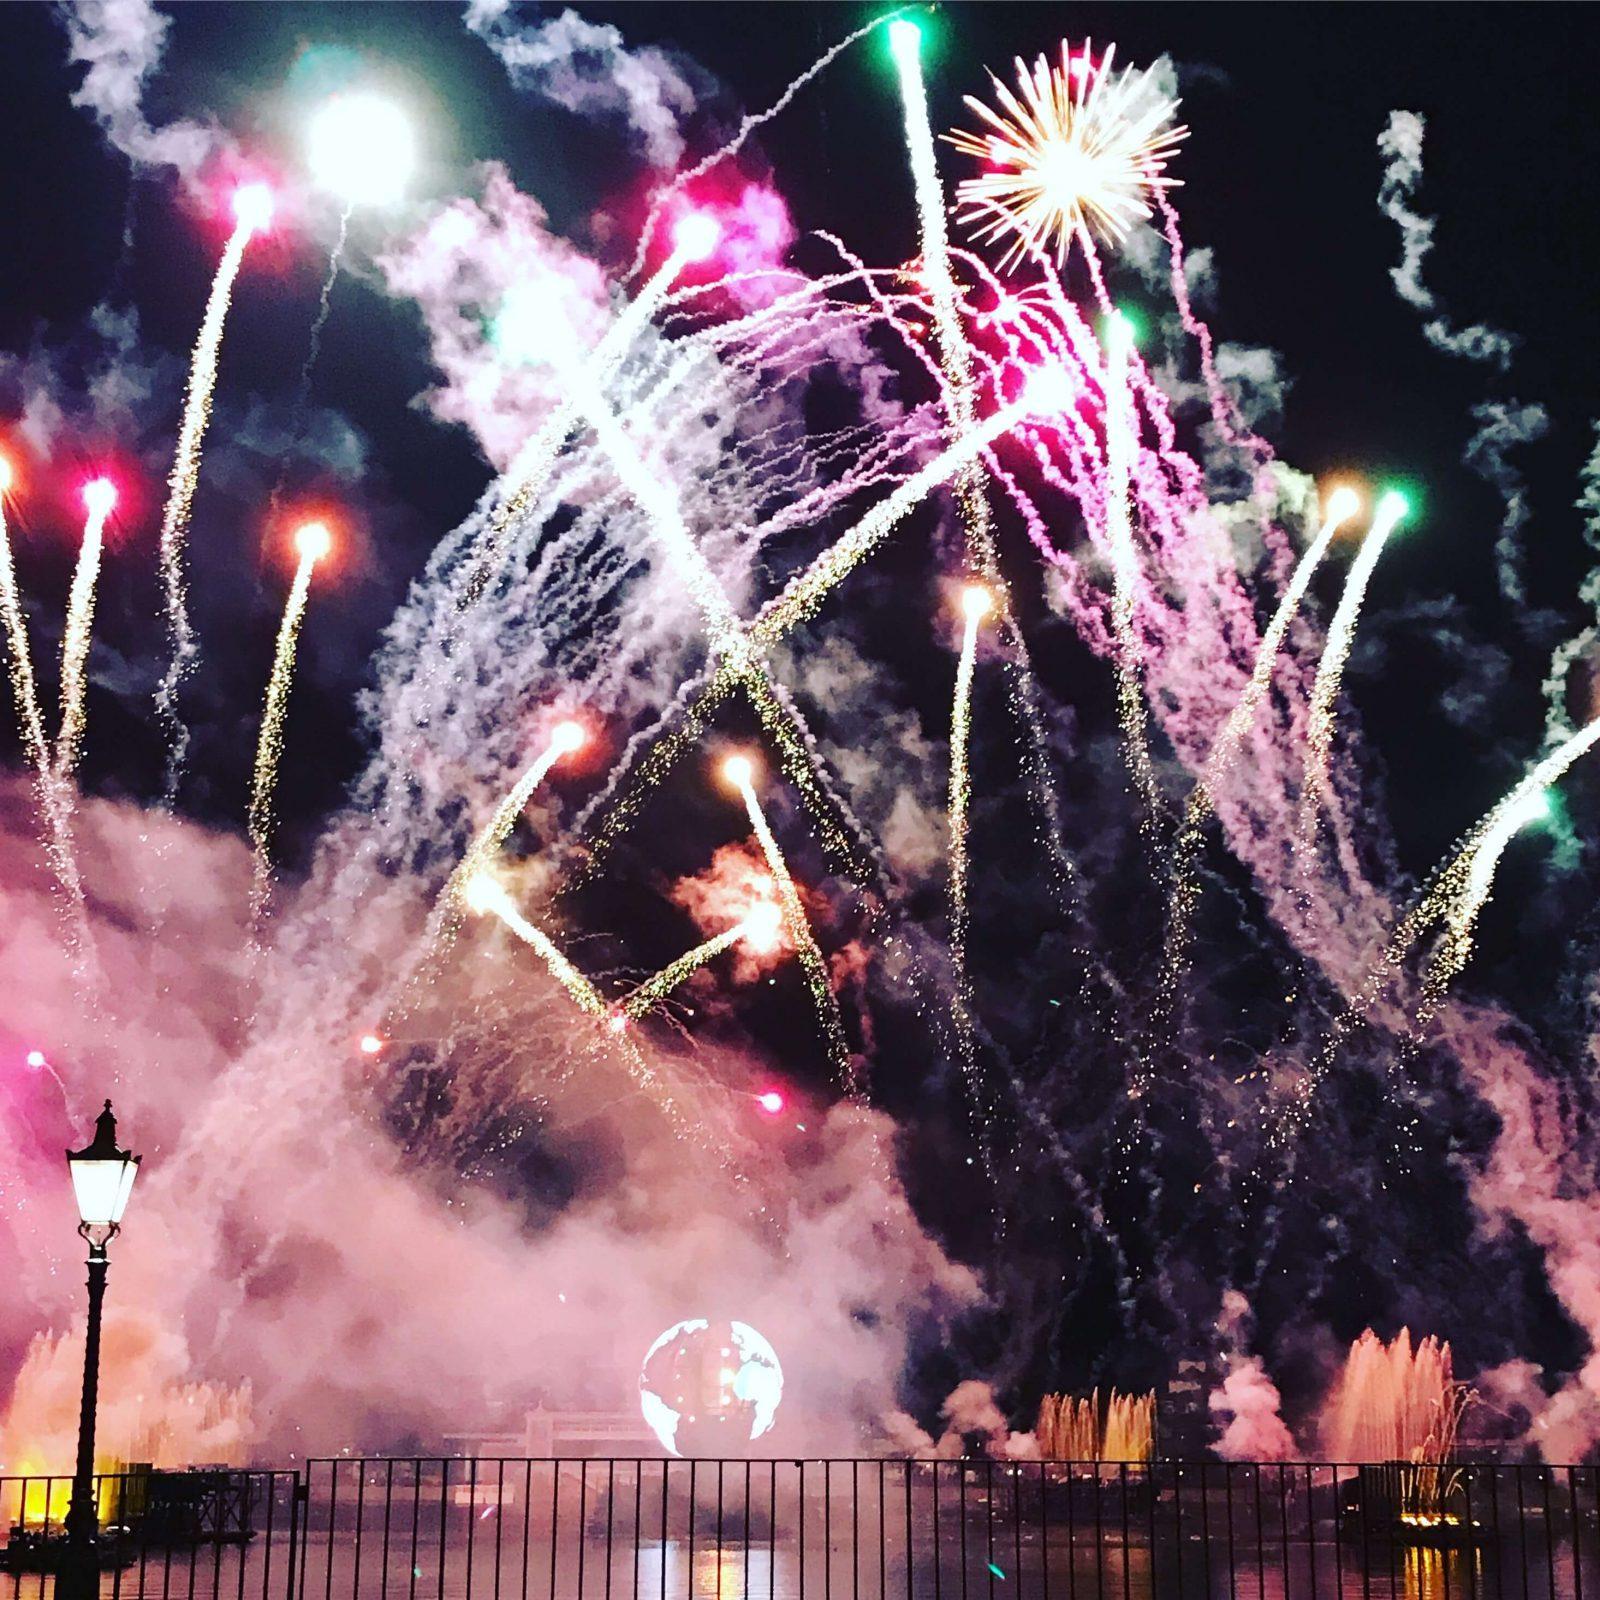 Illuminations holiday ending at Epcot